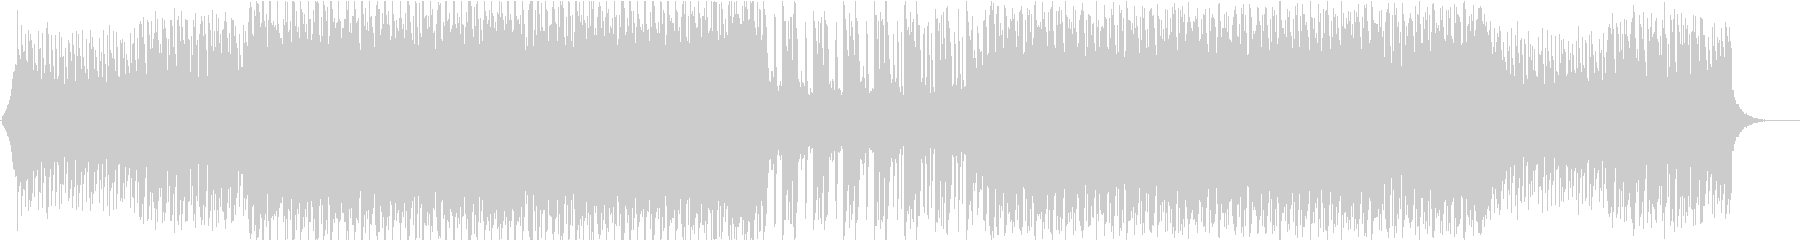 シンセサウンドが明るいテクノポップの未再生の波形